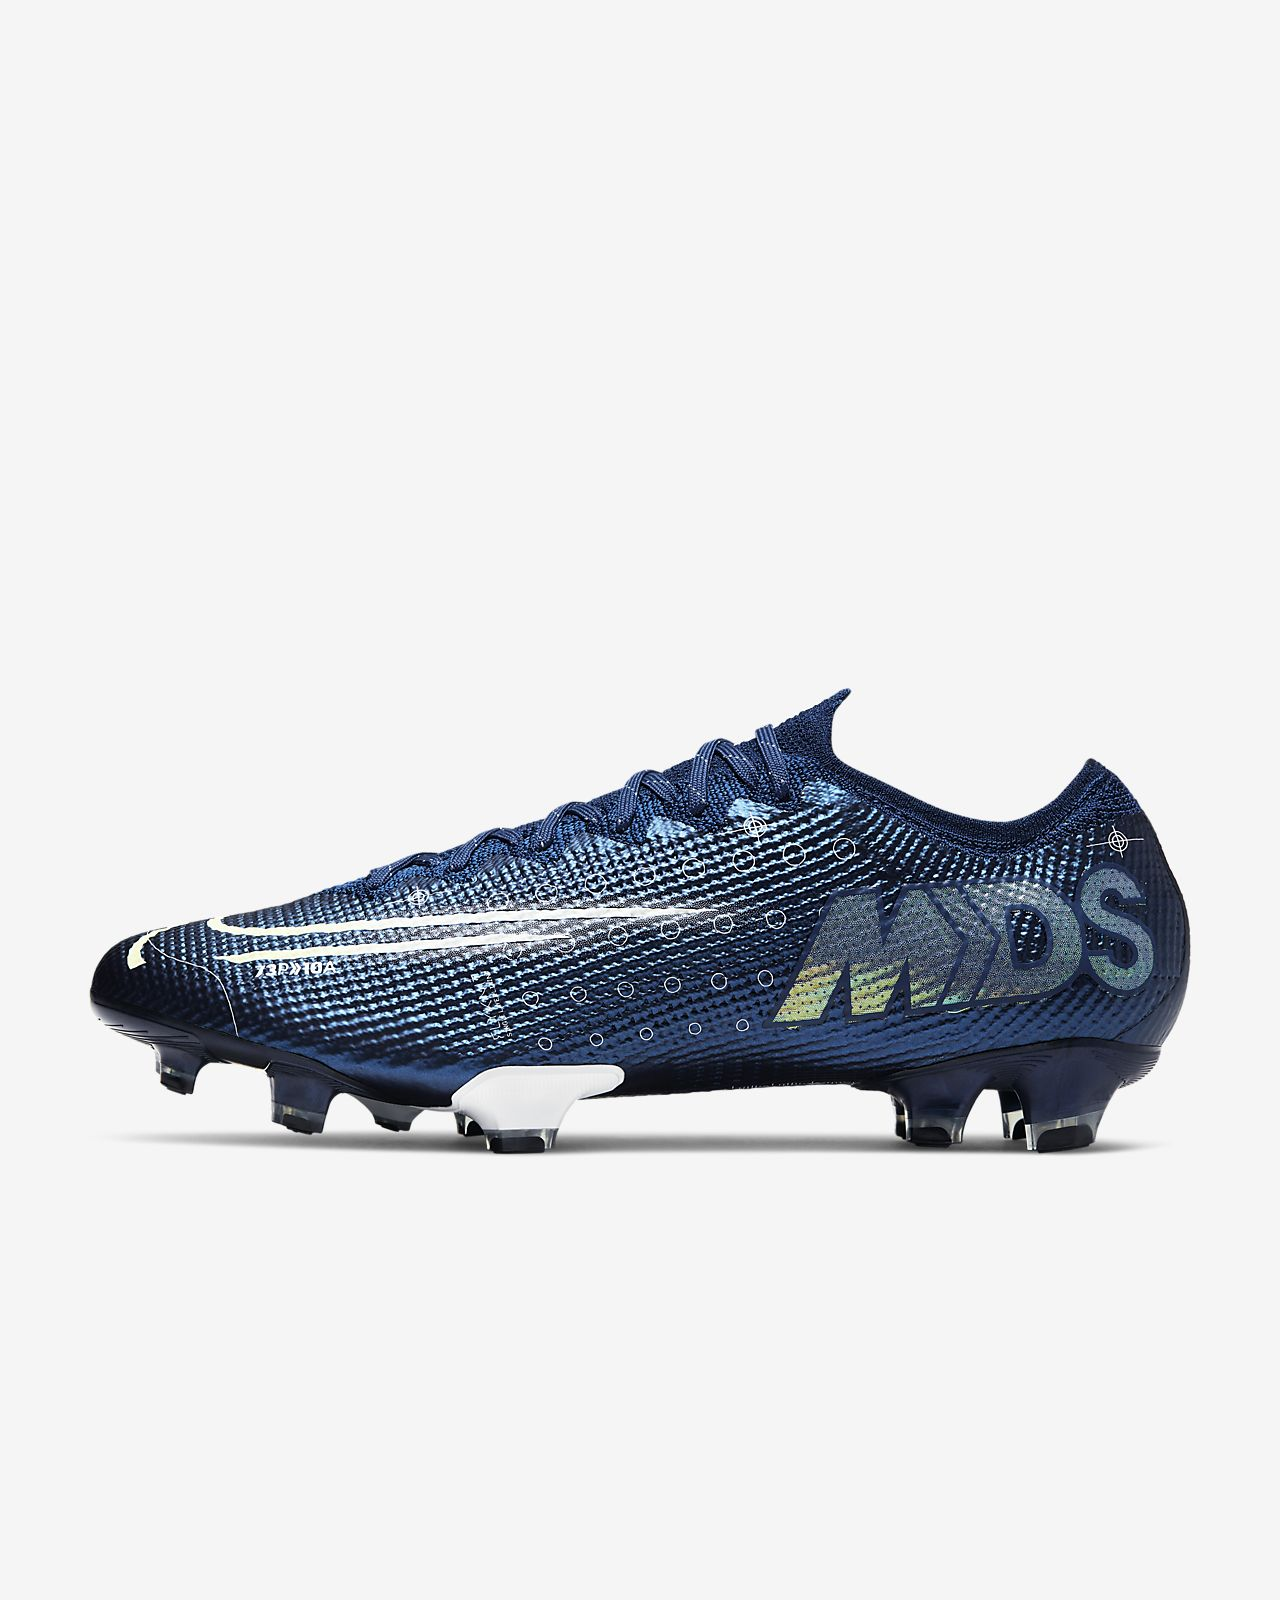 Chaussure de football à crampons pour terrain sec Nike Mercurial Vapor 13 Elite MDS FG